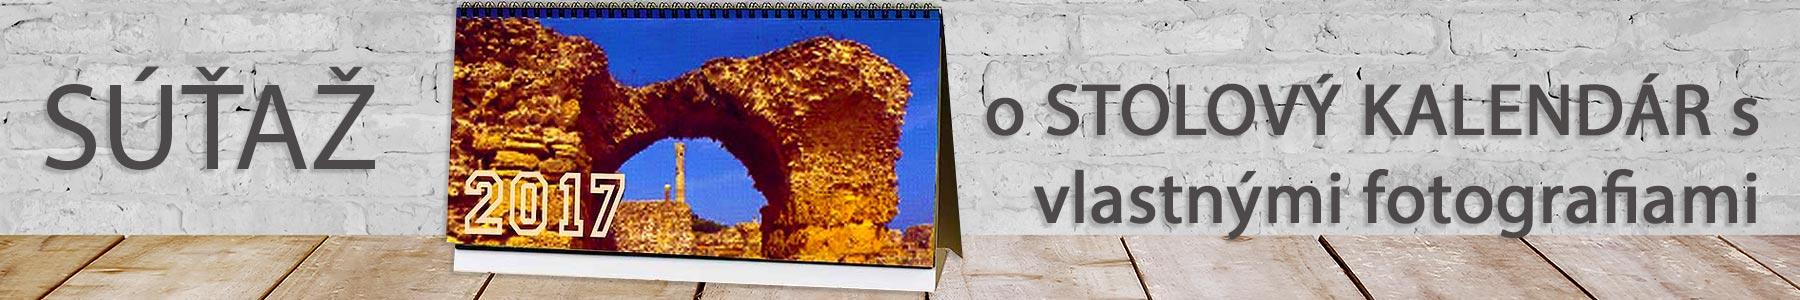 Súťaž o stolový týždenný kalendár s vašimi vlastnými fotografiami